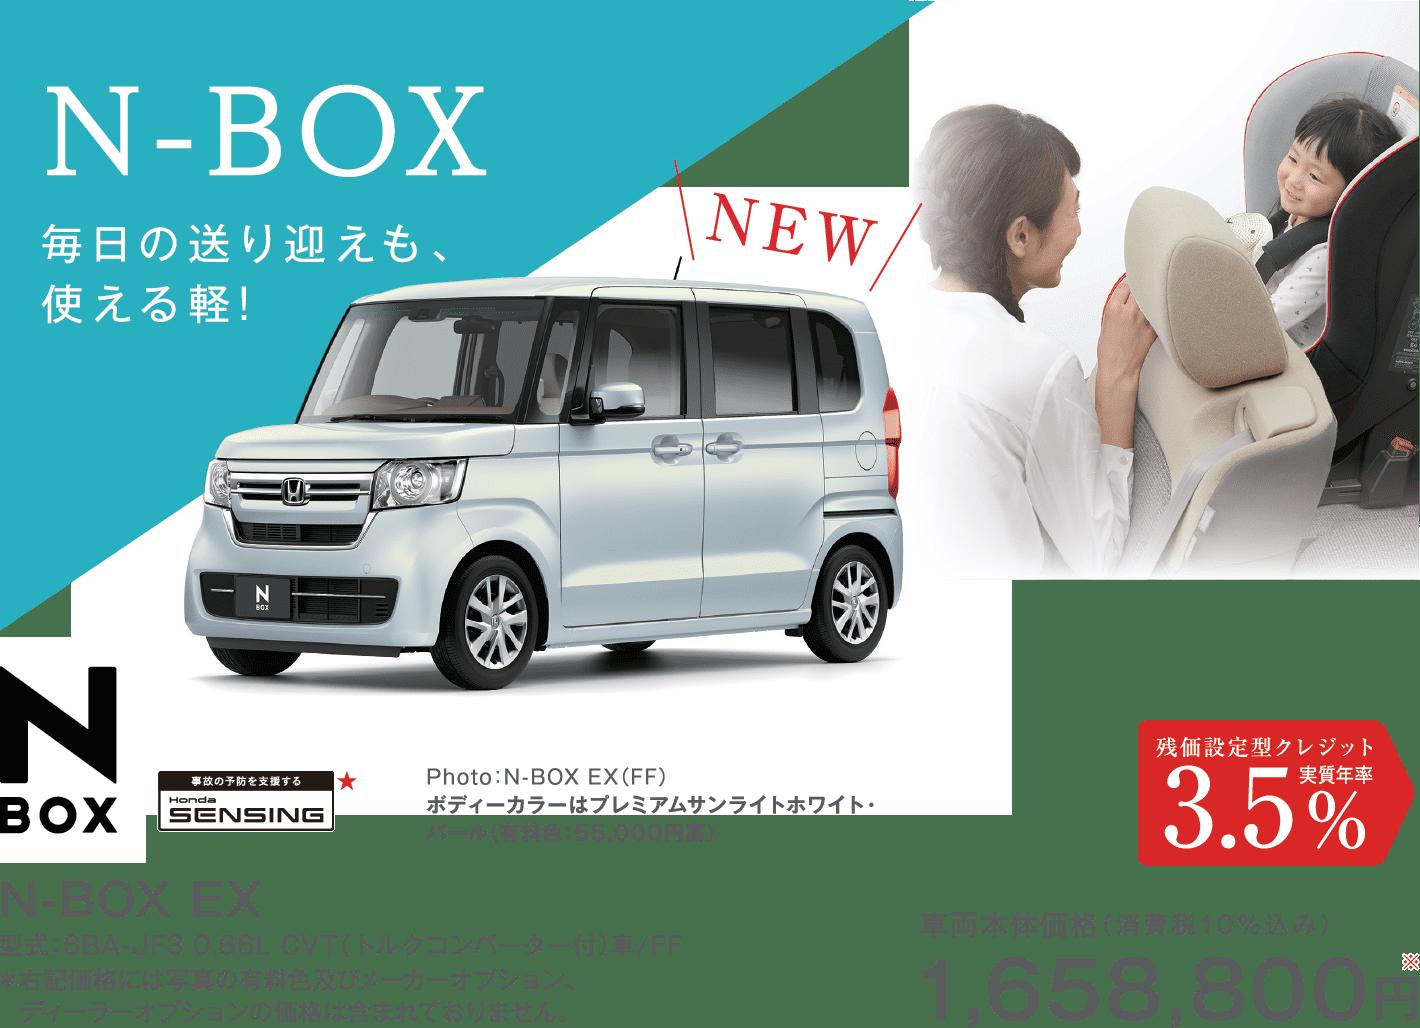 N-BOX毎日の送り迎えも、 使える軽!